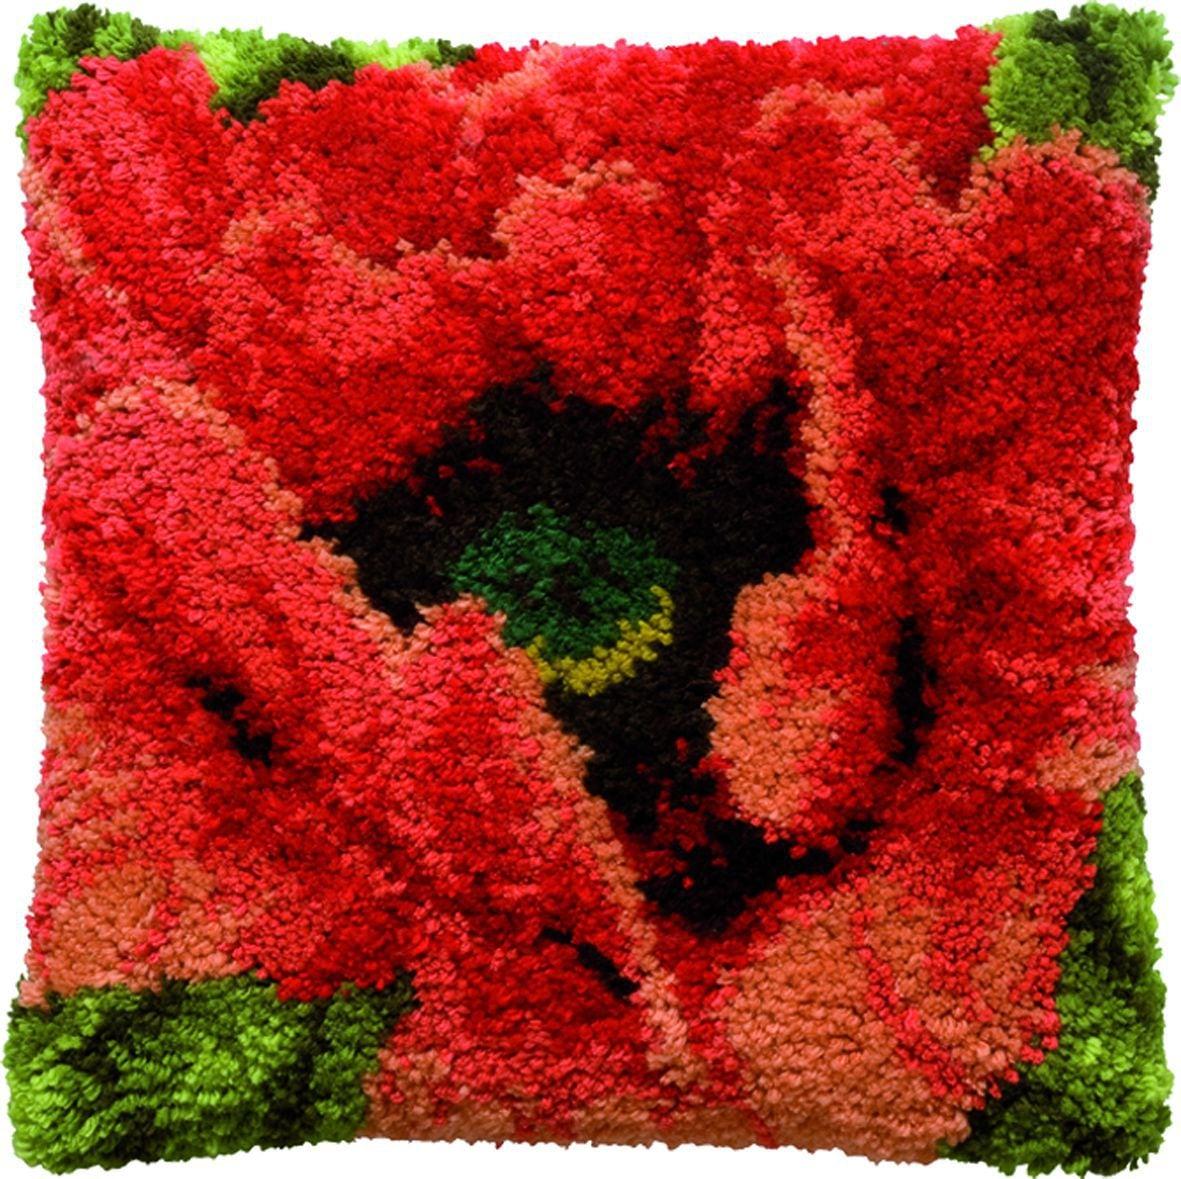 latch hook cushion kit poppy